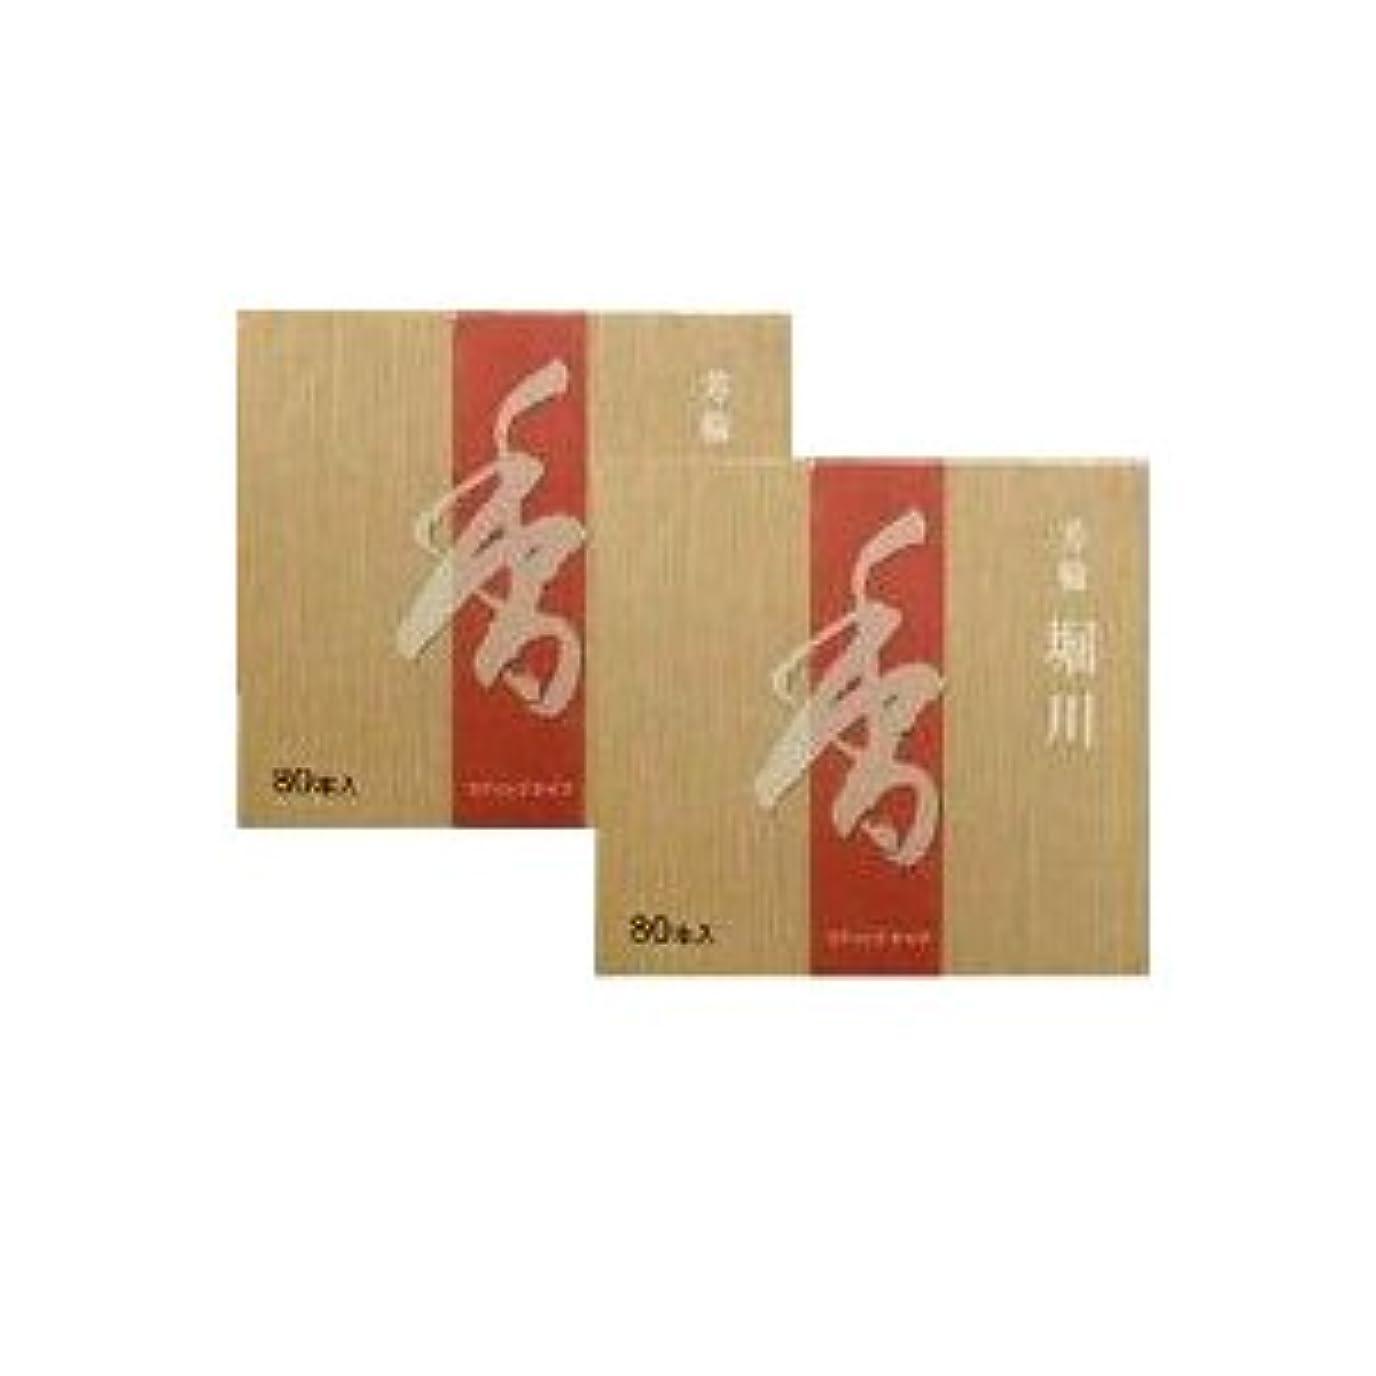 先駆者免疫サークル松栄堂 芳輪 堀川 スティック80本入 2箱セット